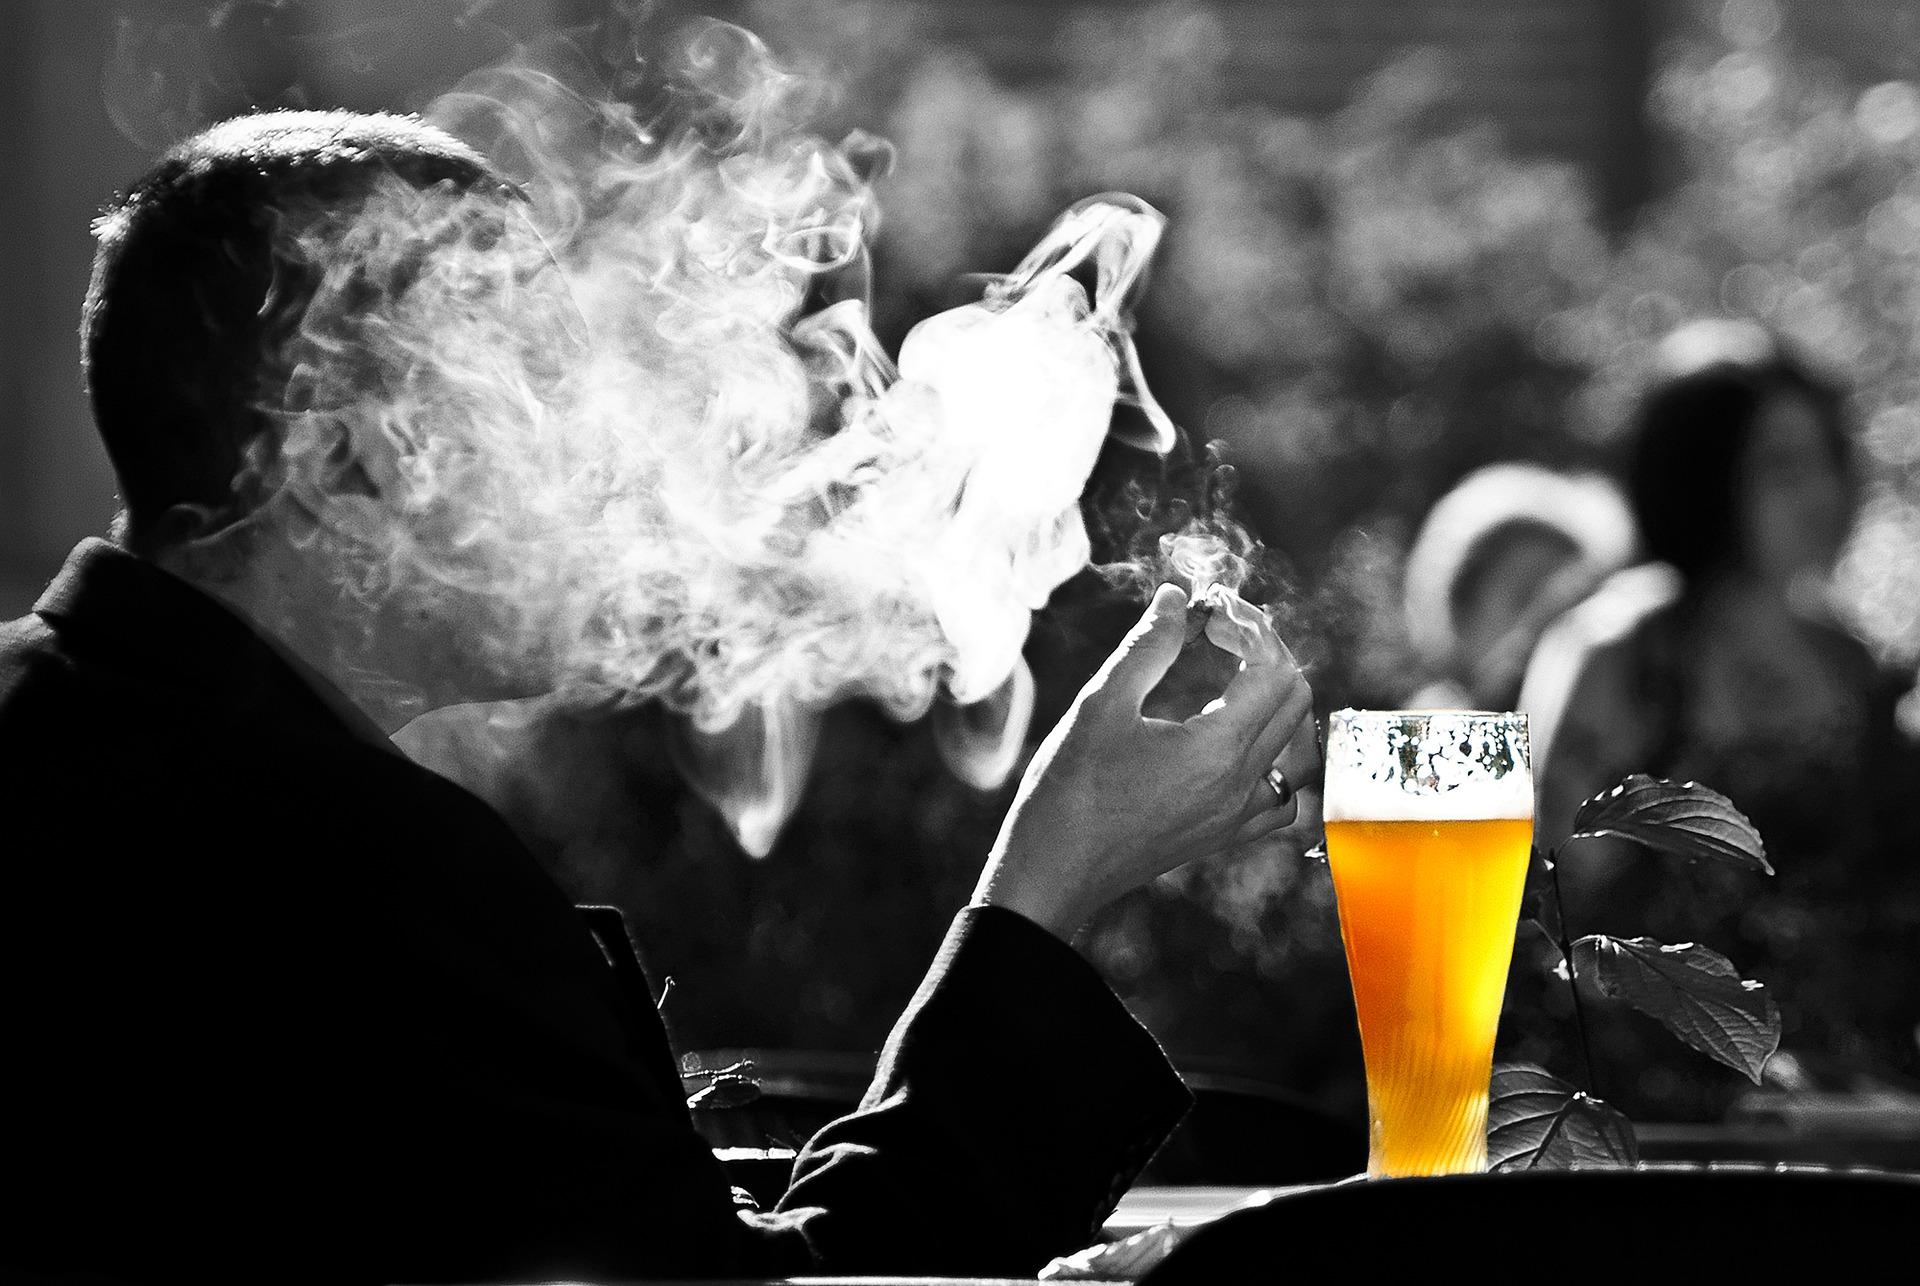 imagen sobre el tabaco y el alcohol, las adicciones de los más jóvenes